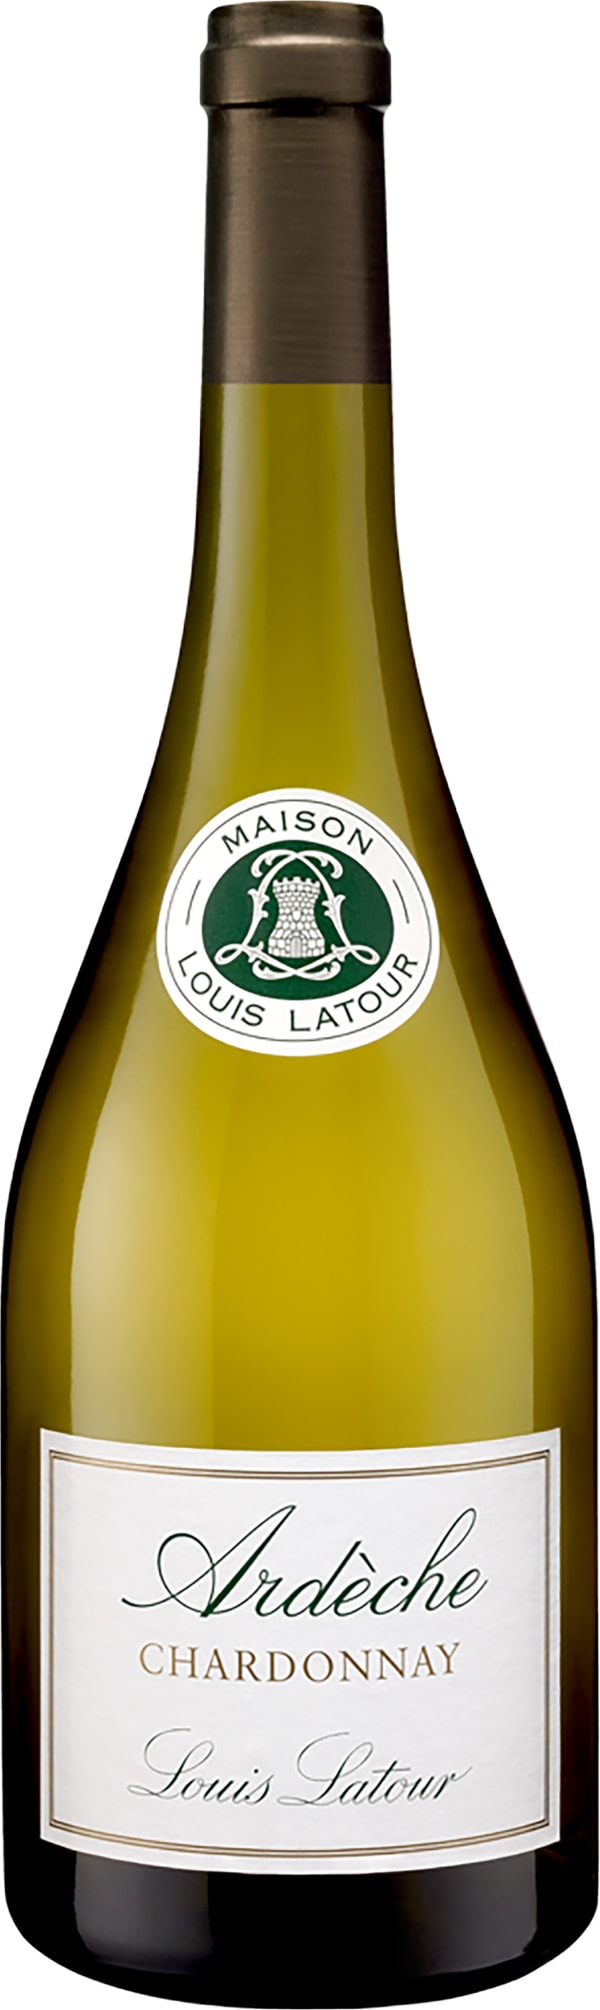 Louis Latour Ardèche Chardonnay 2015